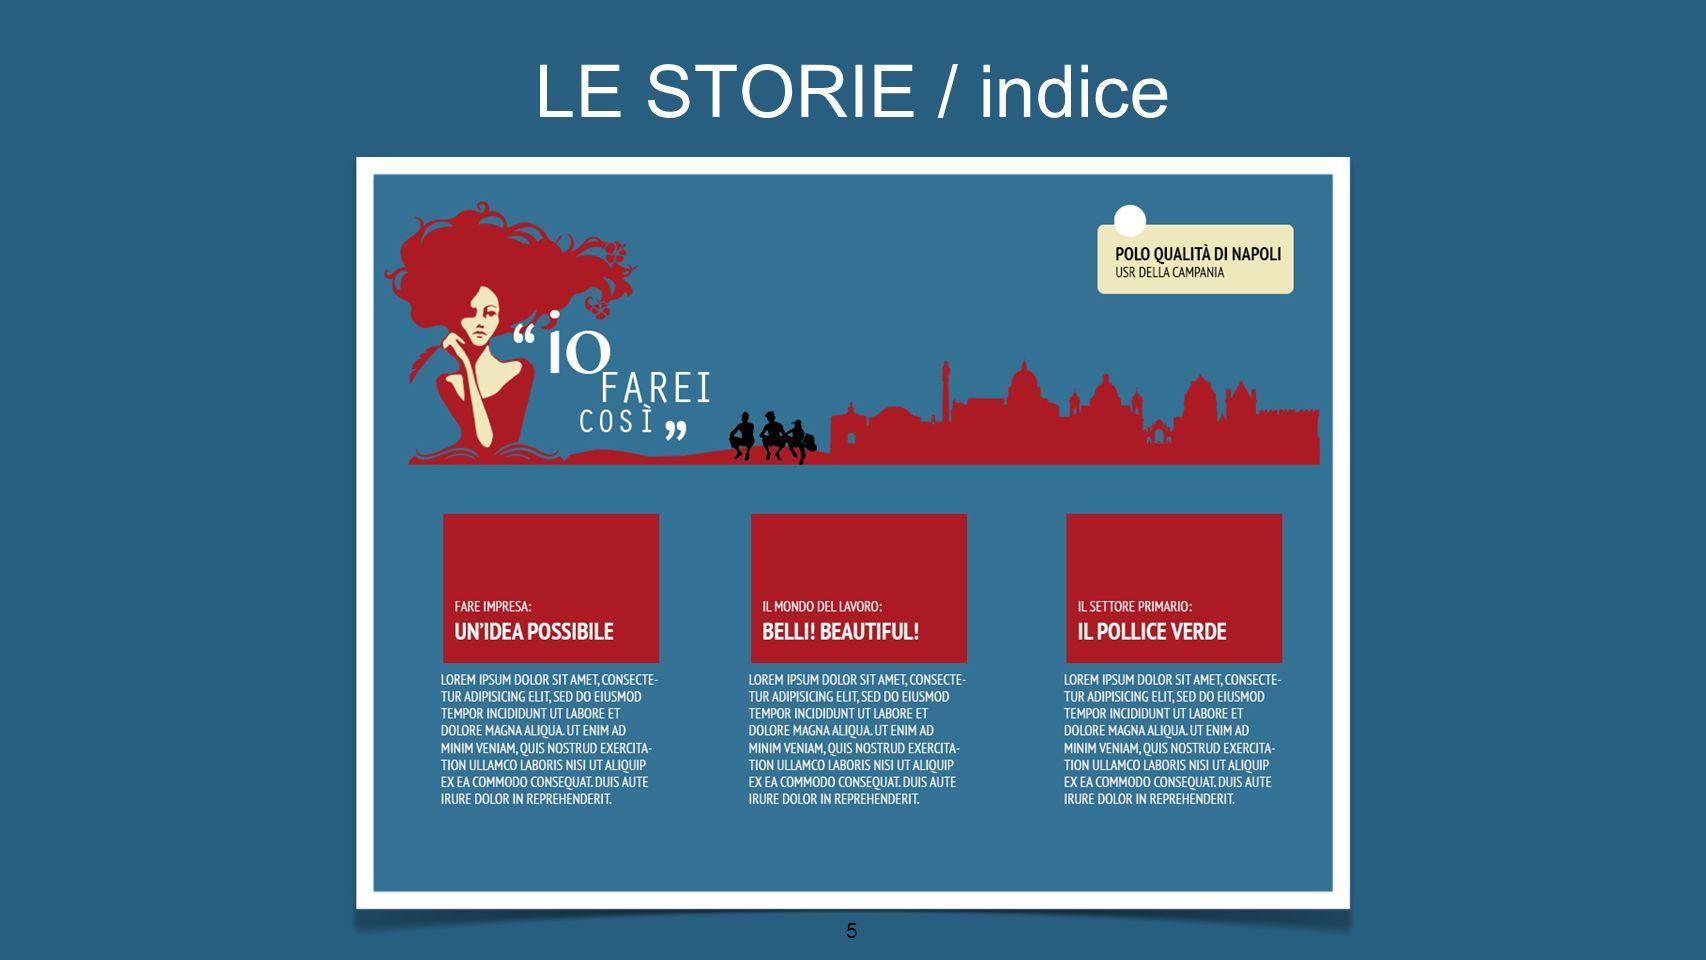 LE STORIE / indice